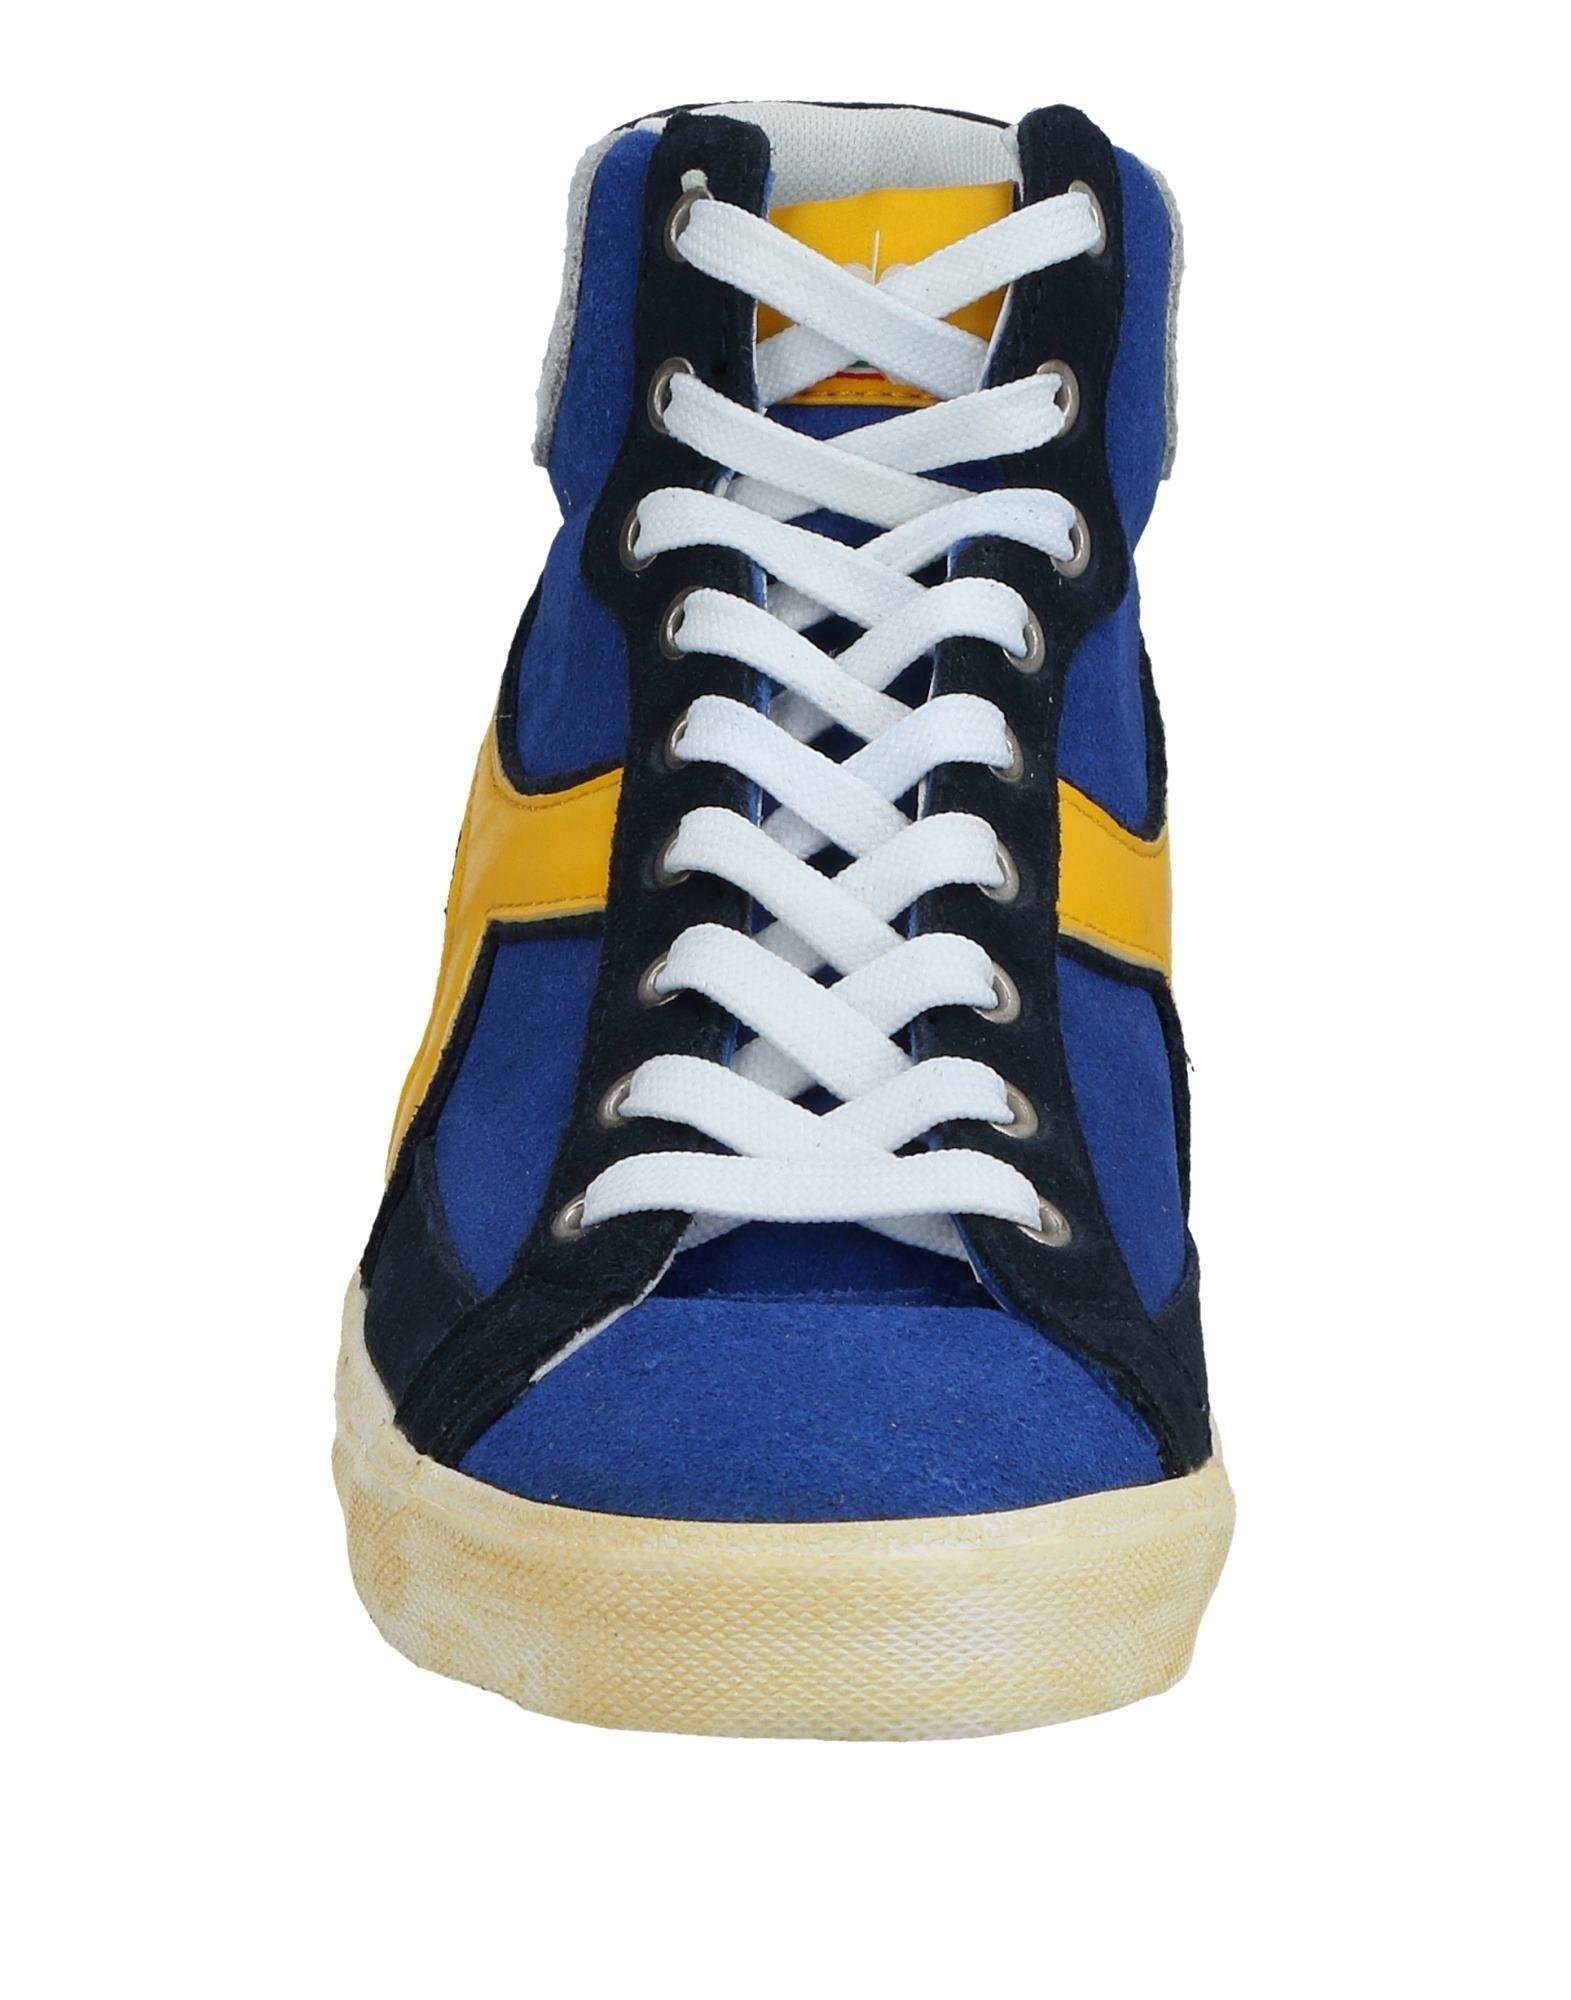 Moda Sneakers Sneakers Moda Diadora Uomo - 11508586XJ 3e0f2a